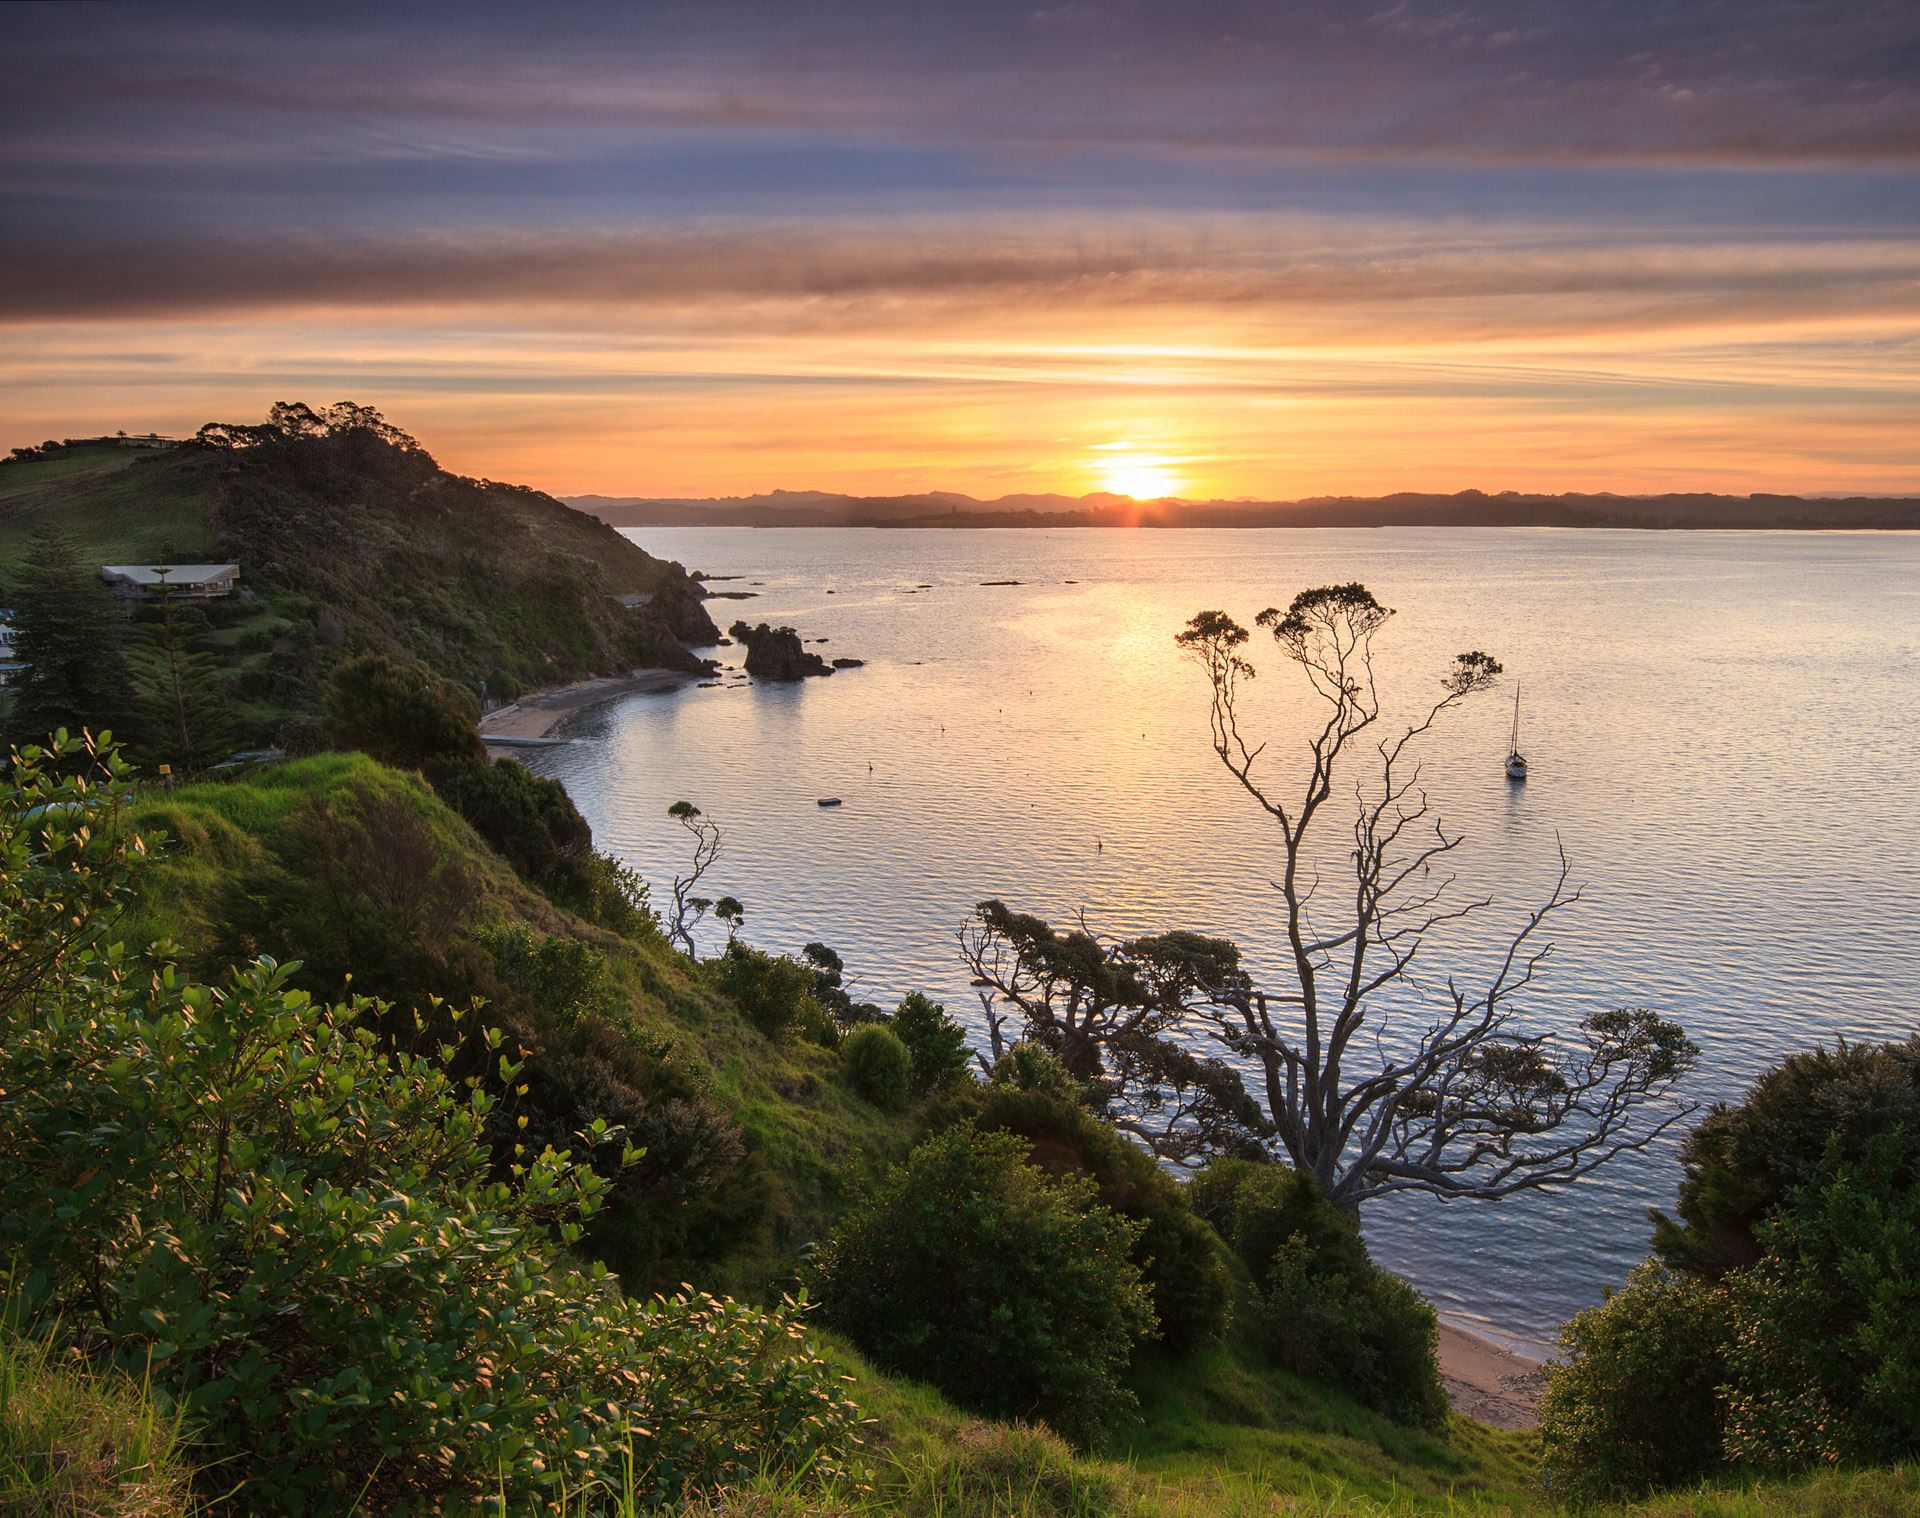 Tapeka Point Sunset